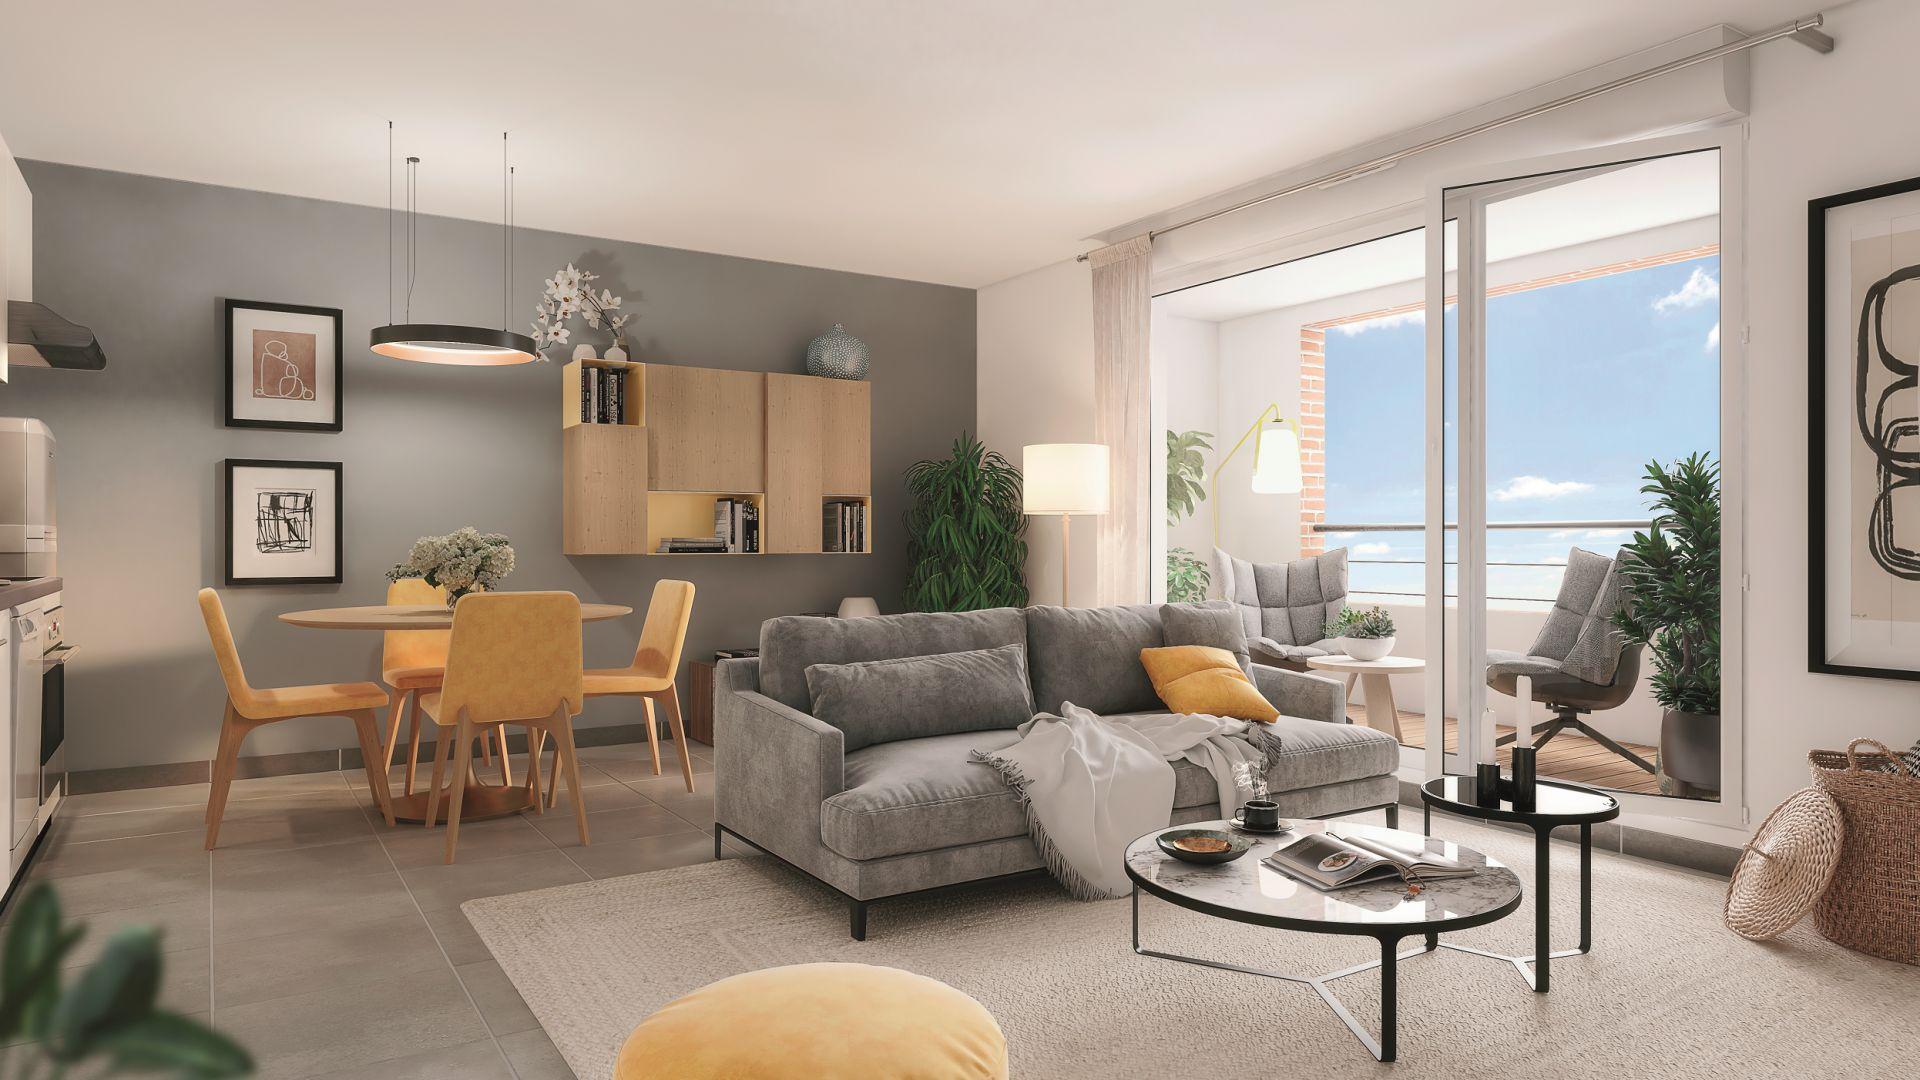 Greencity Immobilier - Le Rialto - achat appartements du T1 bis au T3 - Eaunes - Muret 31600 - vue intérieure